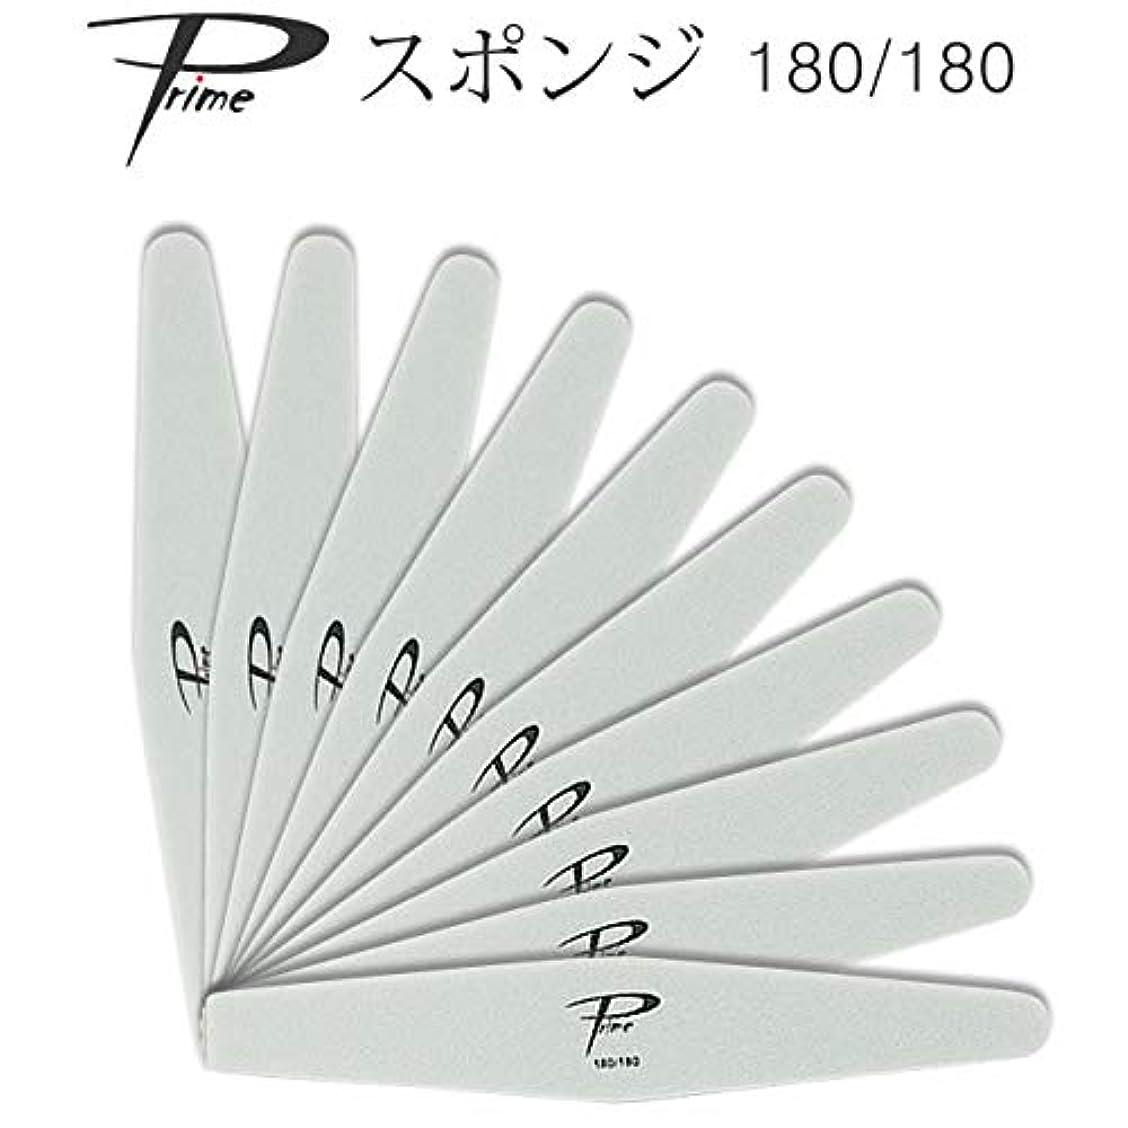 シリーズ豆腐ヤング10本セット Prime スポンジファイル 180/180